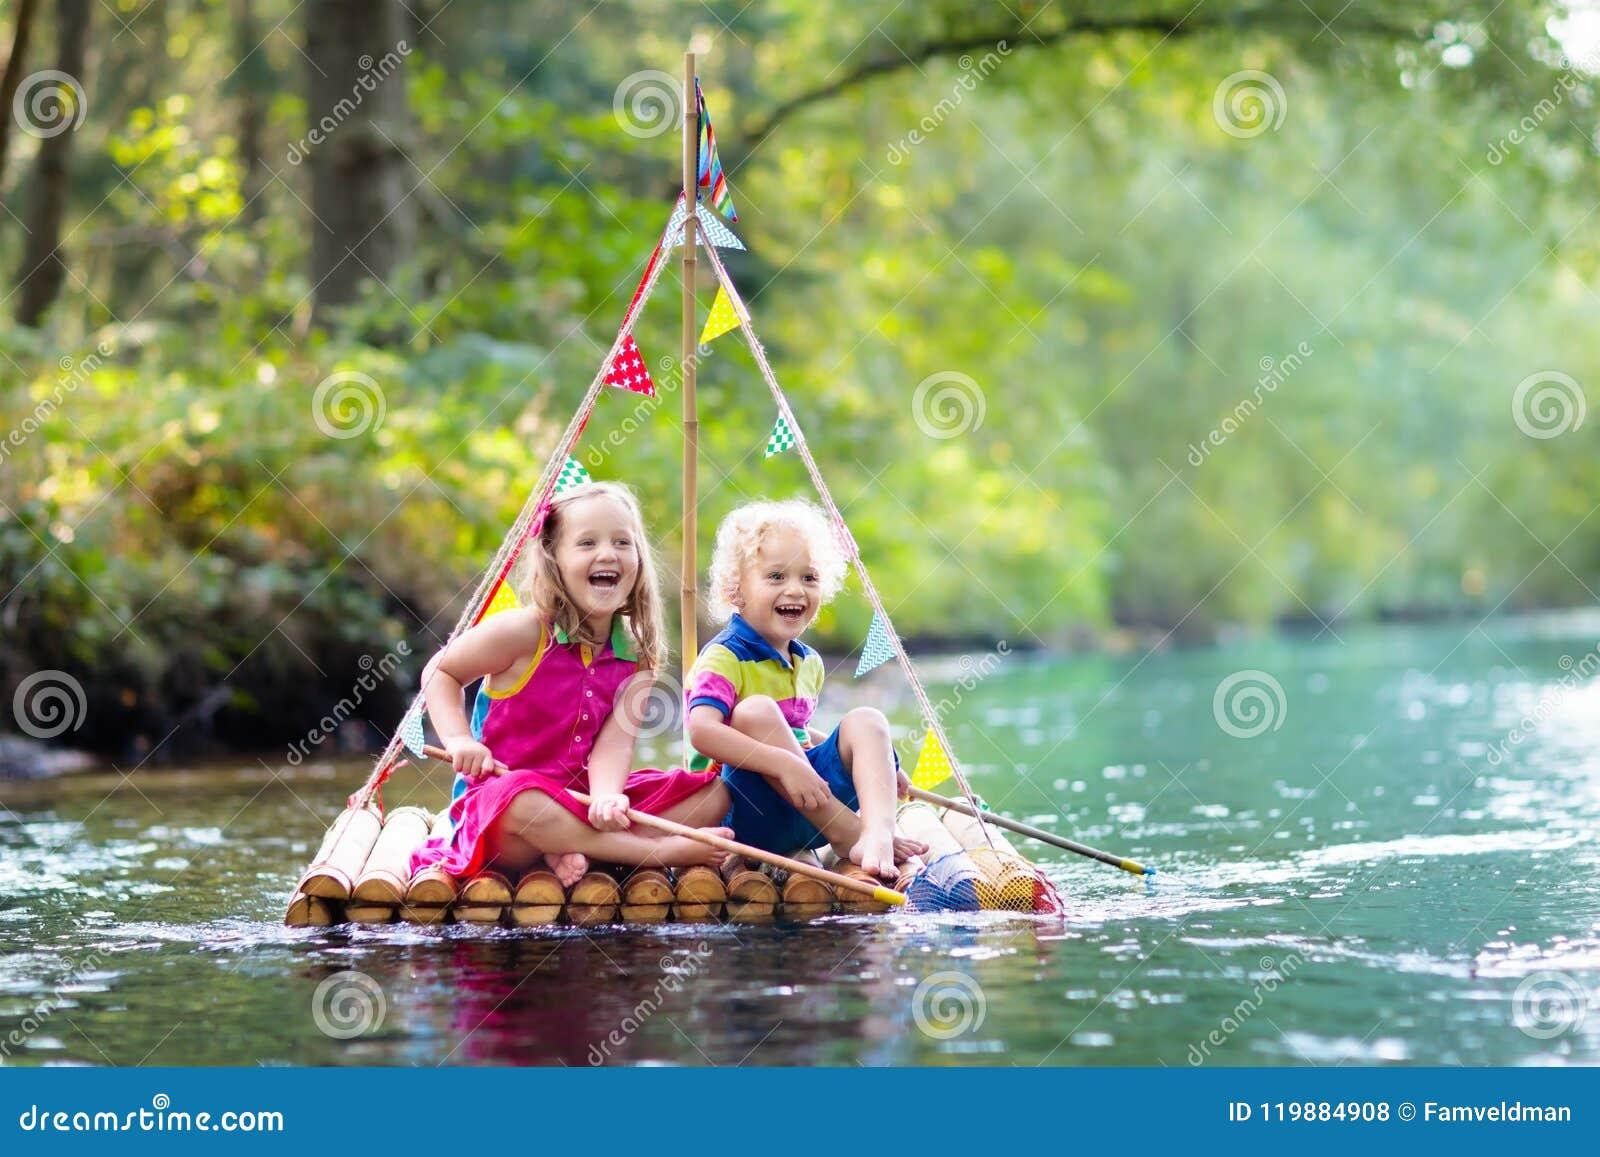 Enfants sur le radeau en bois